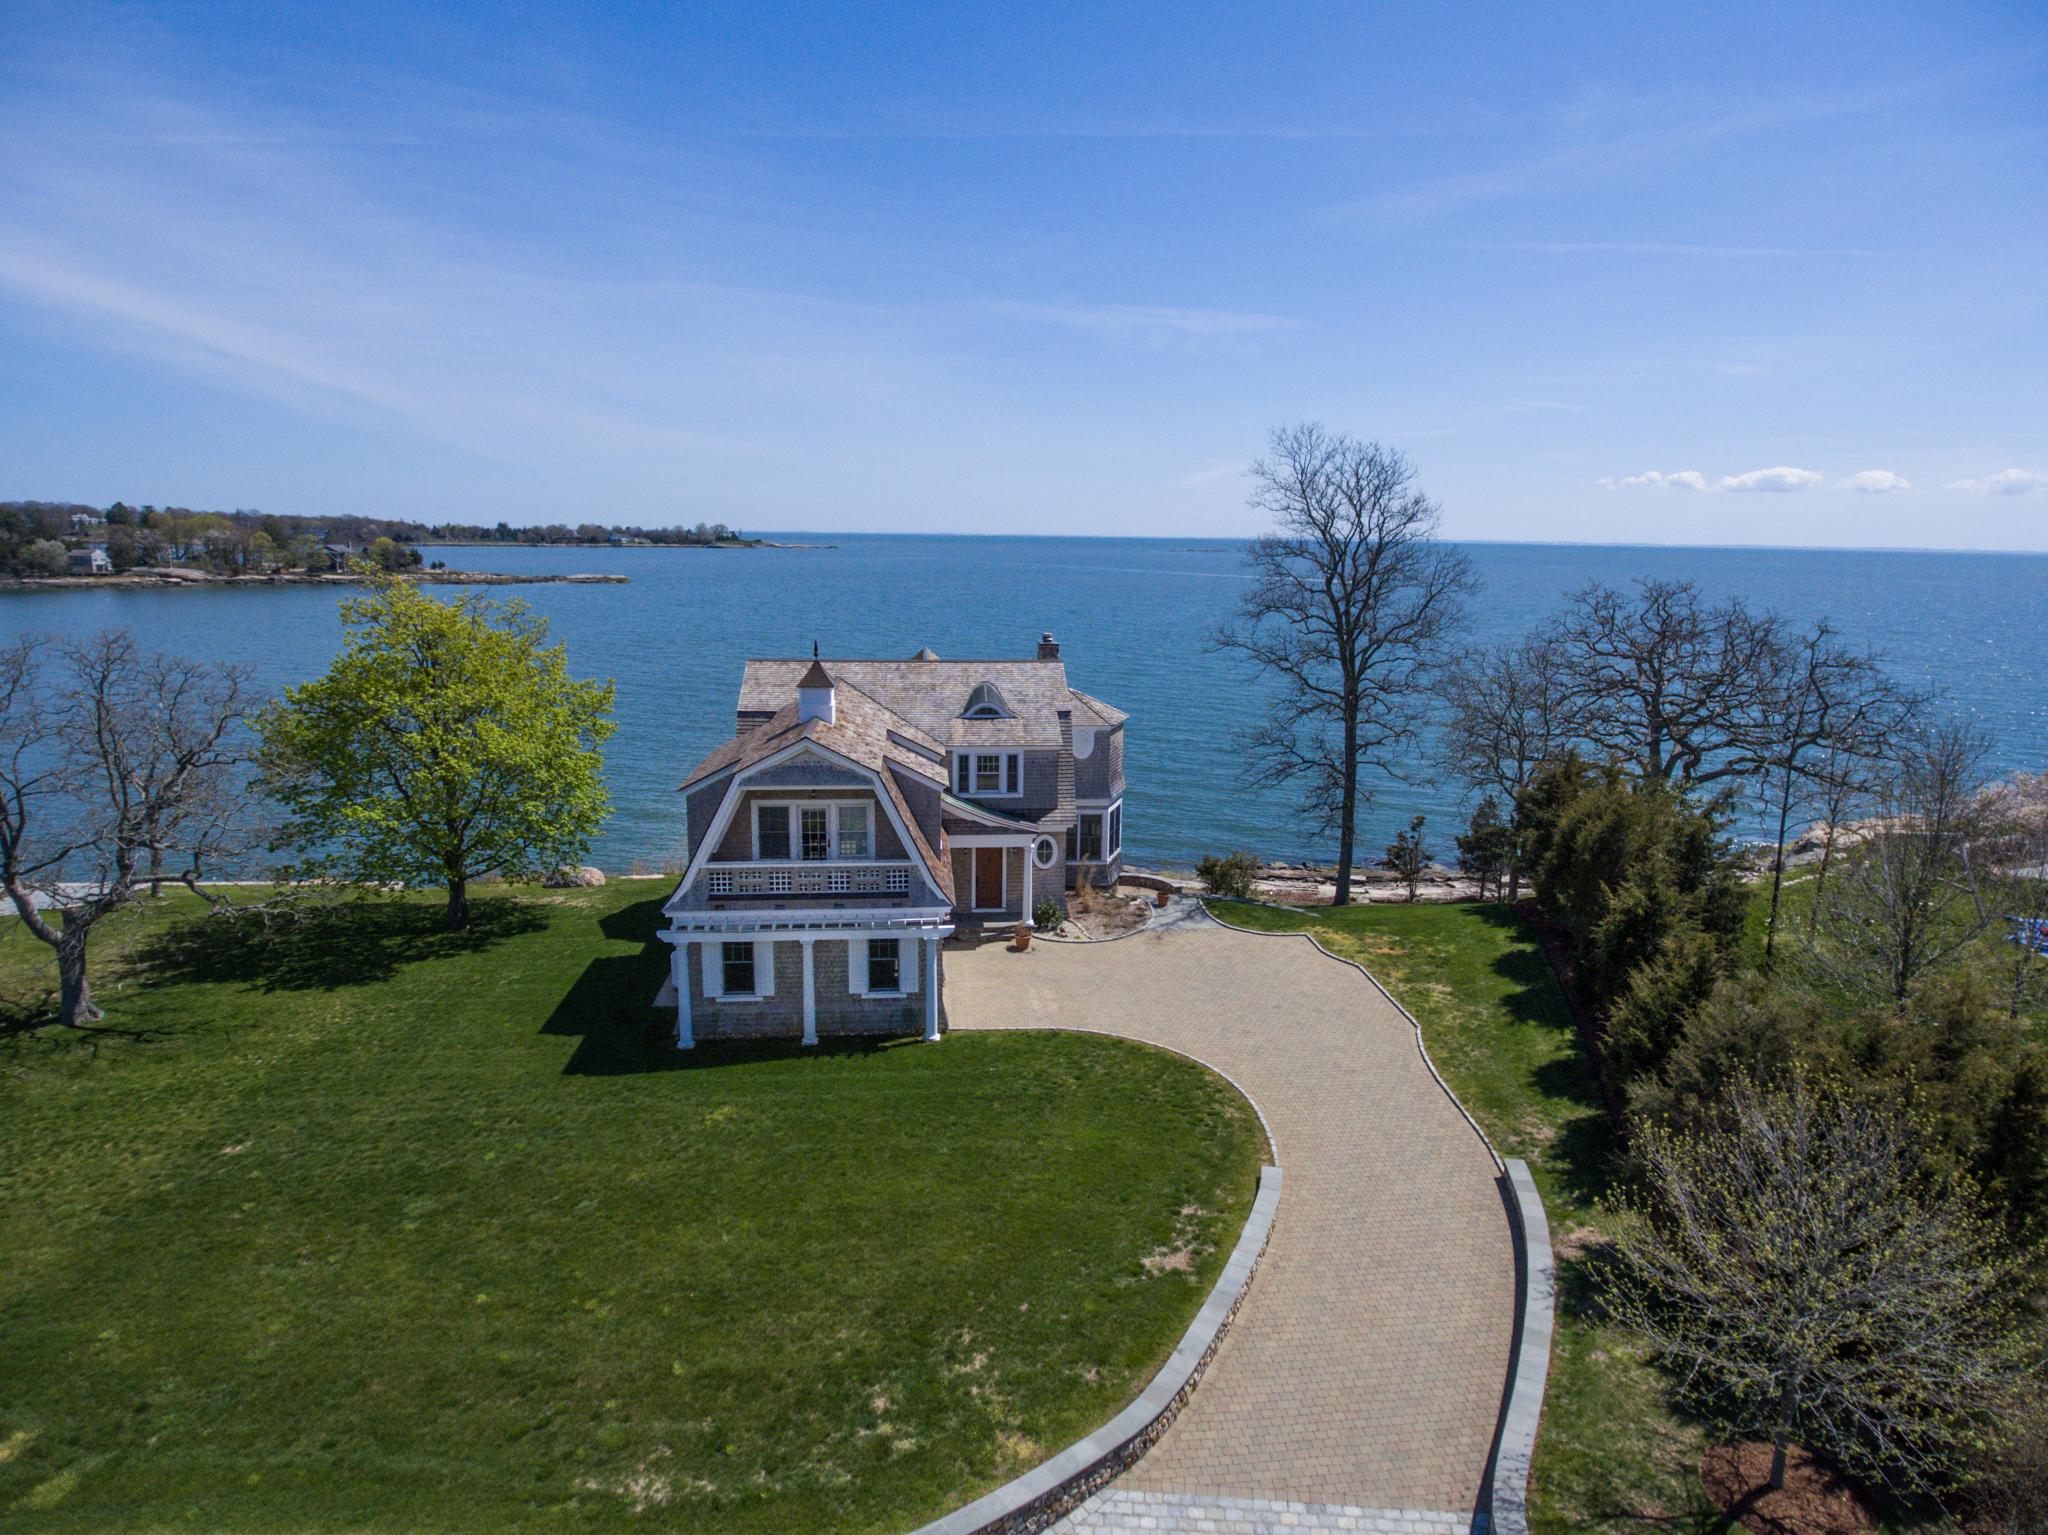 独户住宅 为 销售 在 171 Andrews Rd 吉尔福德, 康涅狄格州, 06437 美国